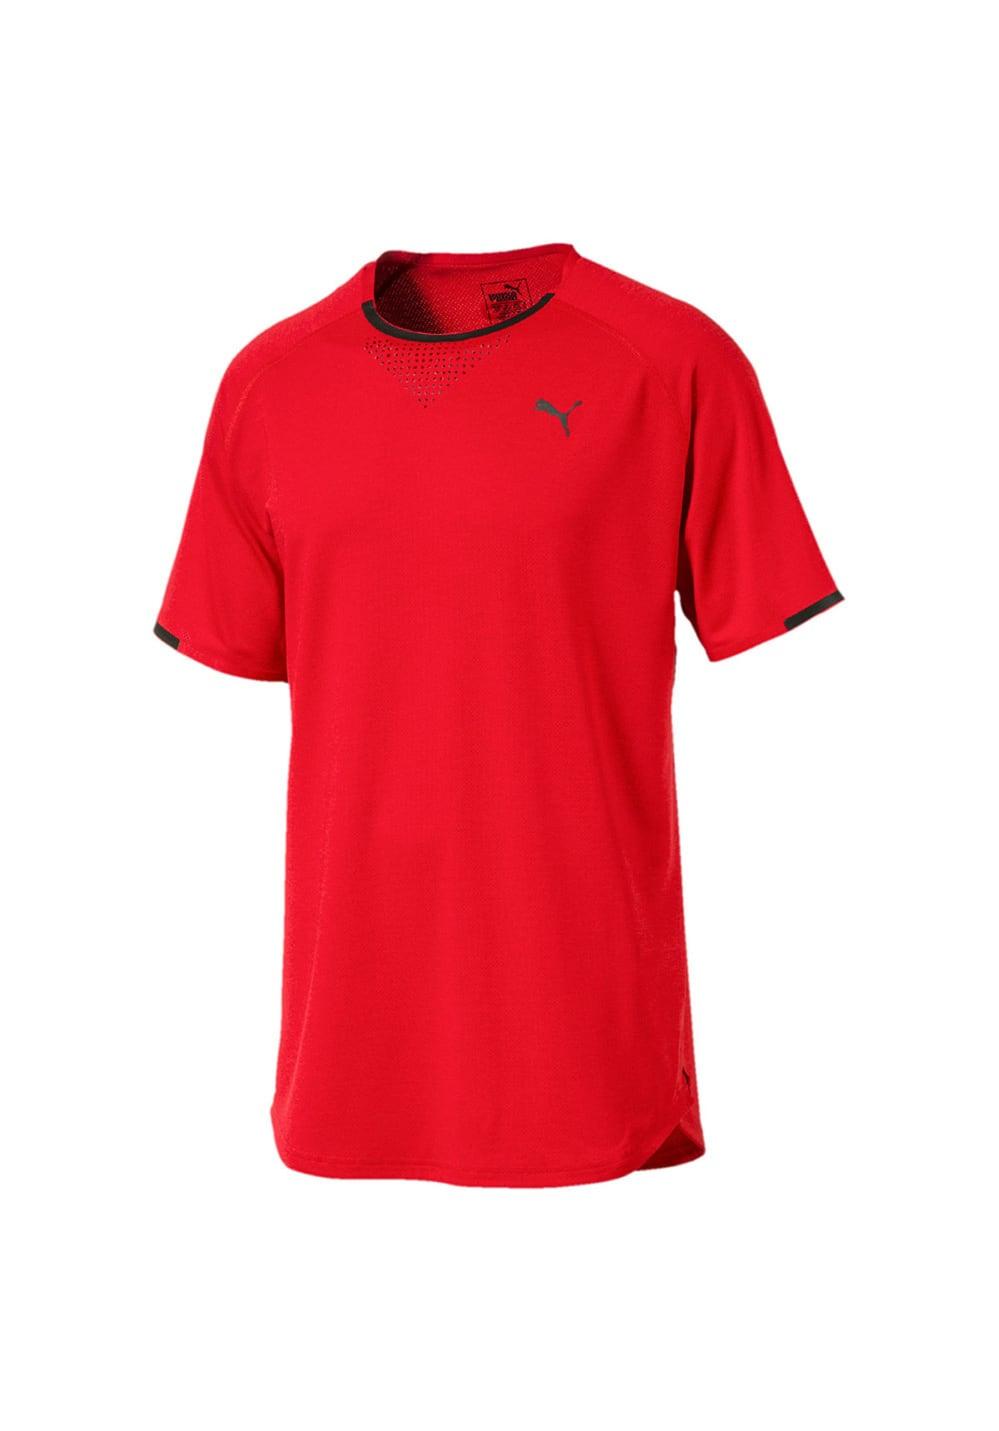 Puma Energy Laser Short Sleeve Tee - Laufshirts für Herren - Rot, Gr. S